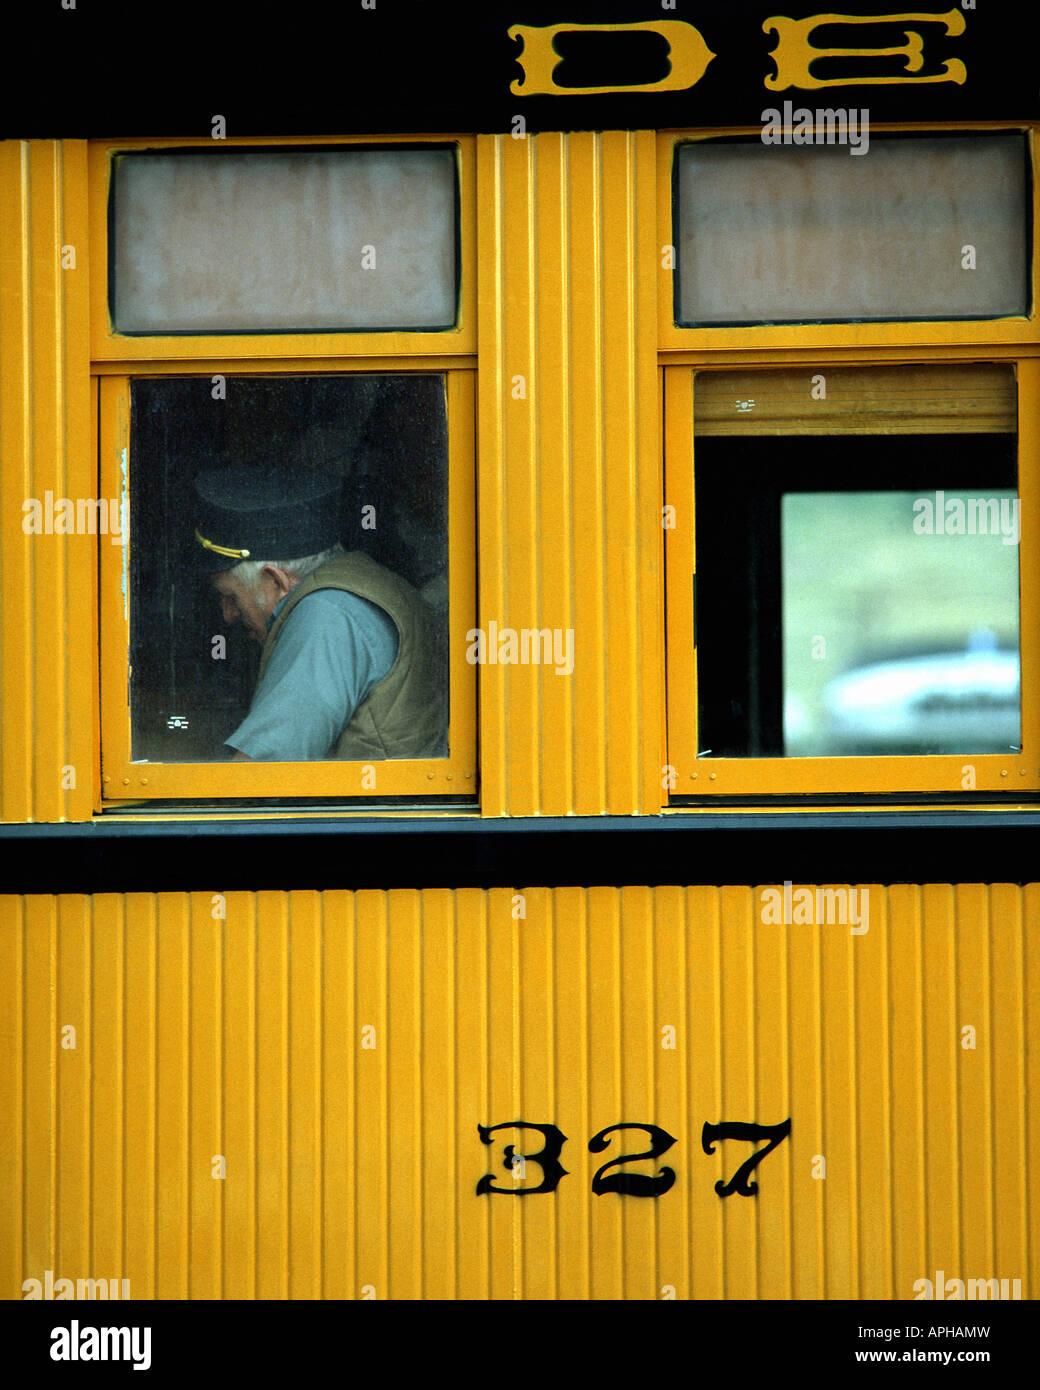 USA - COLORADO: Detail of Denver & Rio Grande Railway Carriage - Stock Image